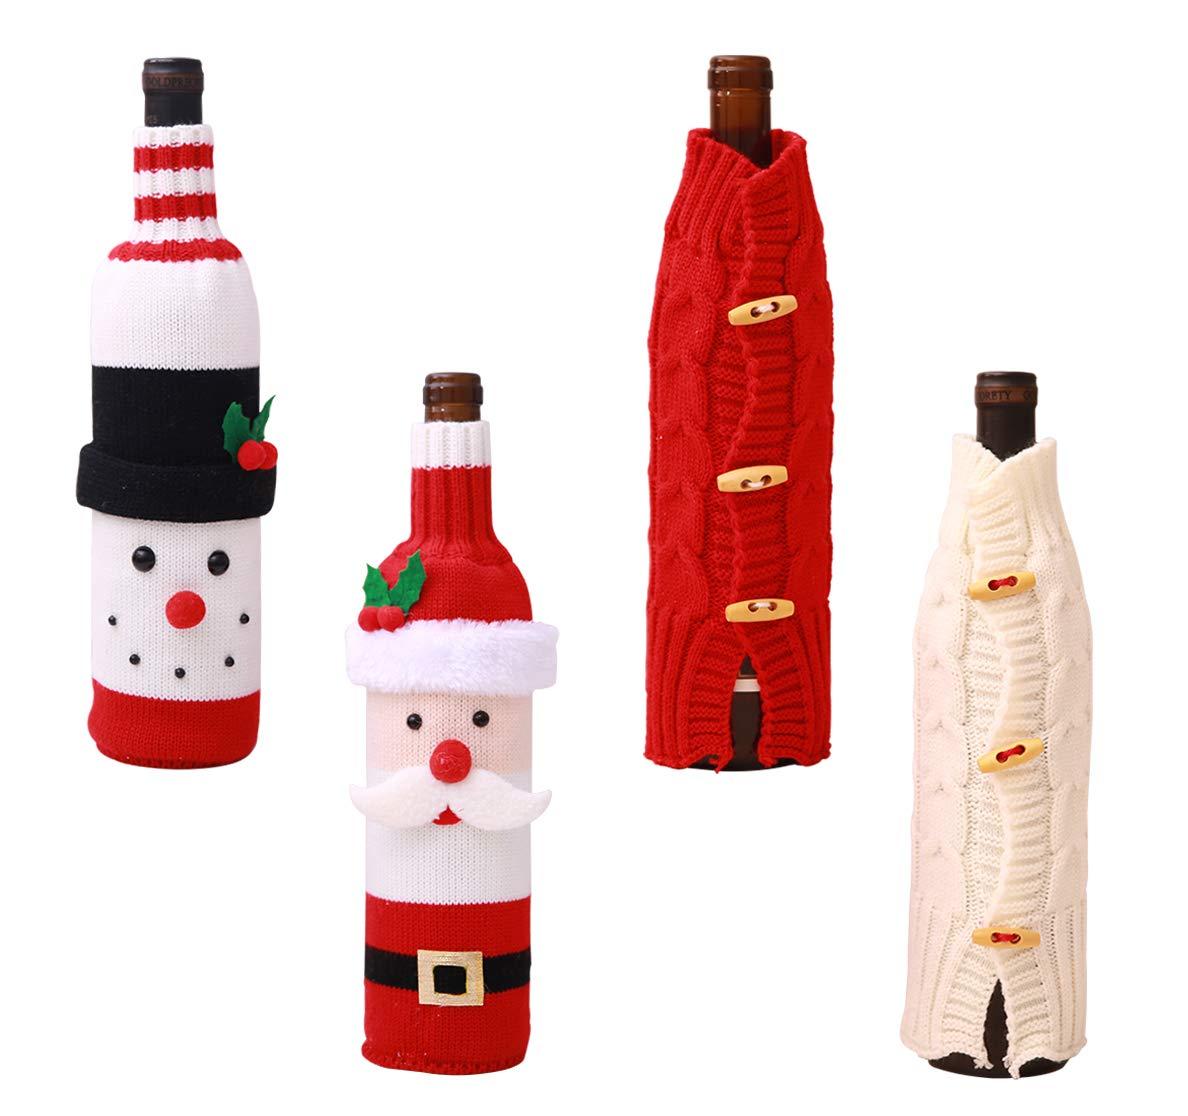 Bottiglie di Vino di Babbo Natale e pupazzo di neve modello bottiglia di vino borsa per decorazioni di Natale tabella Decor (2 Pack) Xunlong